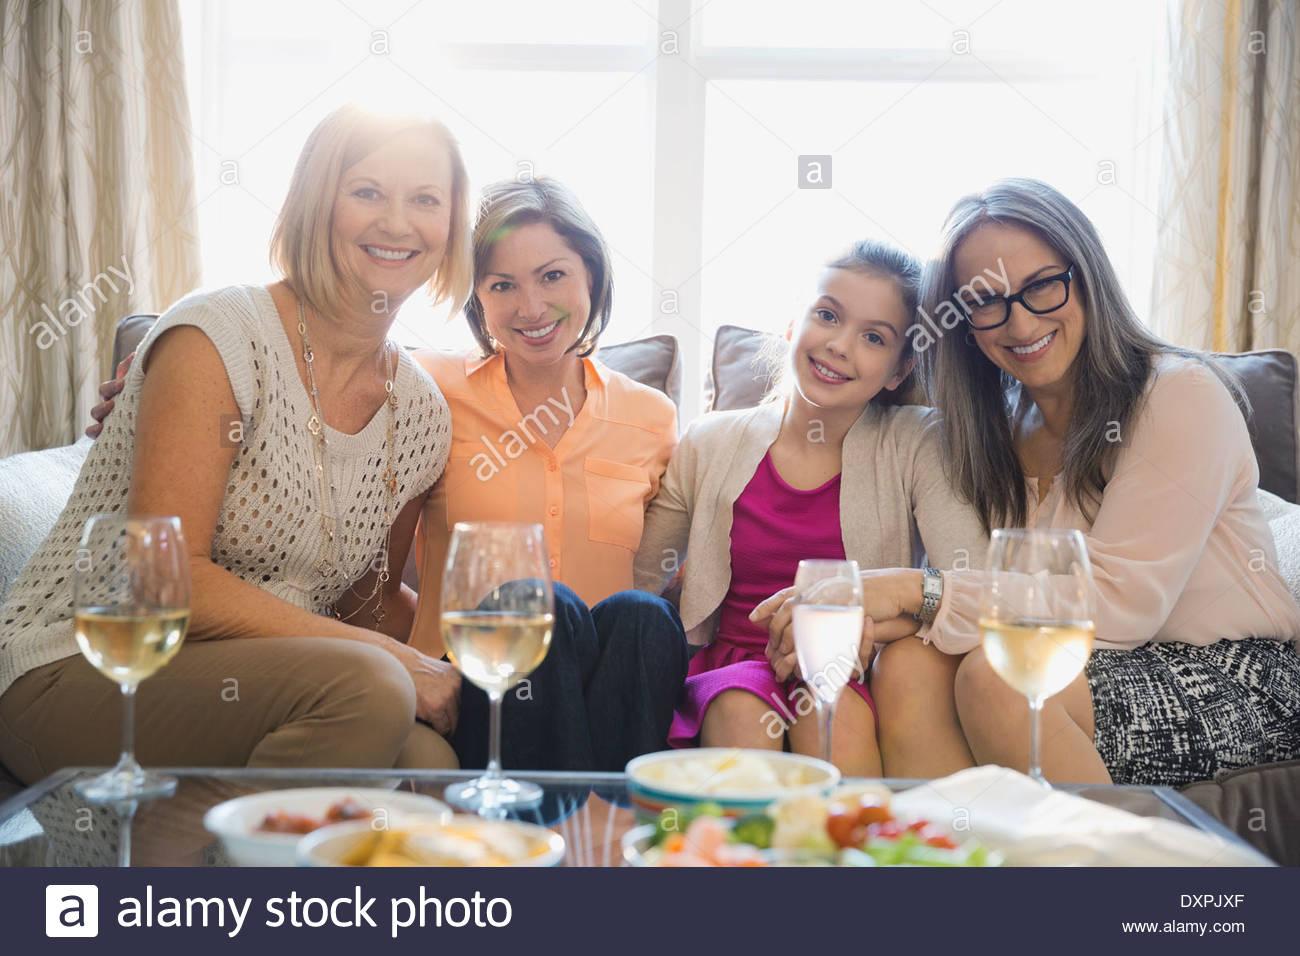 Ritratto di femmine sorridente seduto sul divano durante il party Immagini Stock